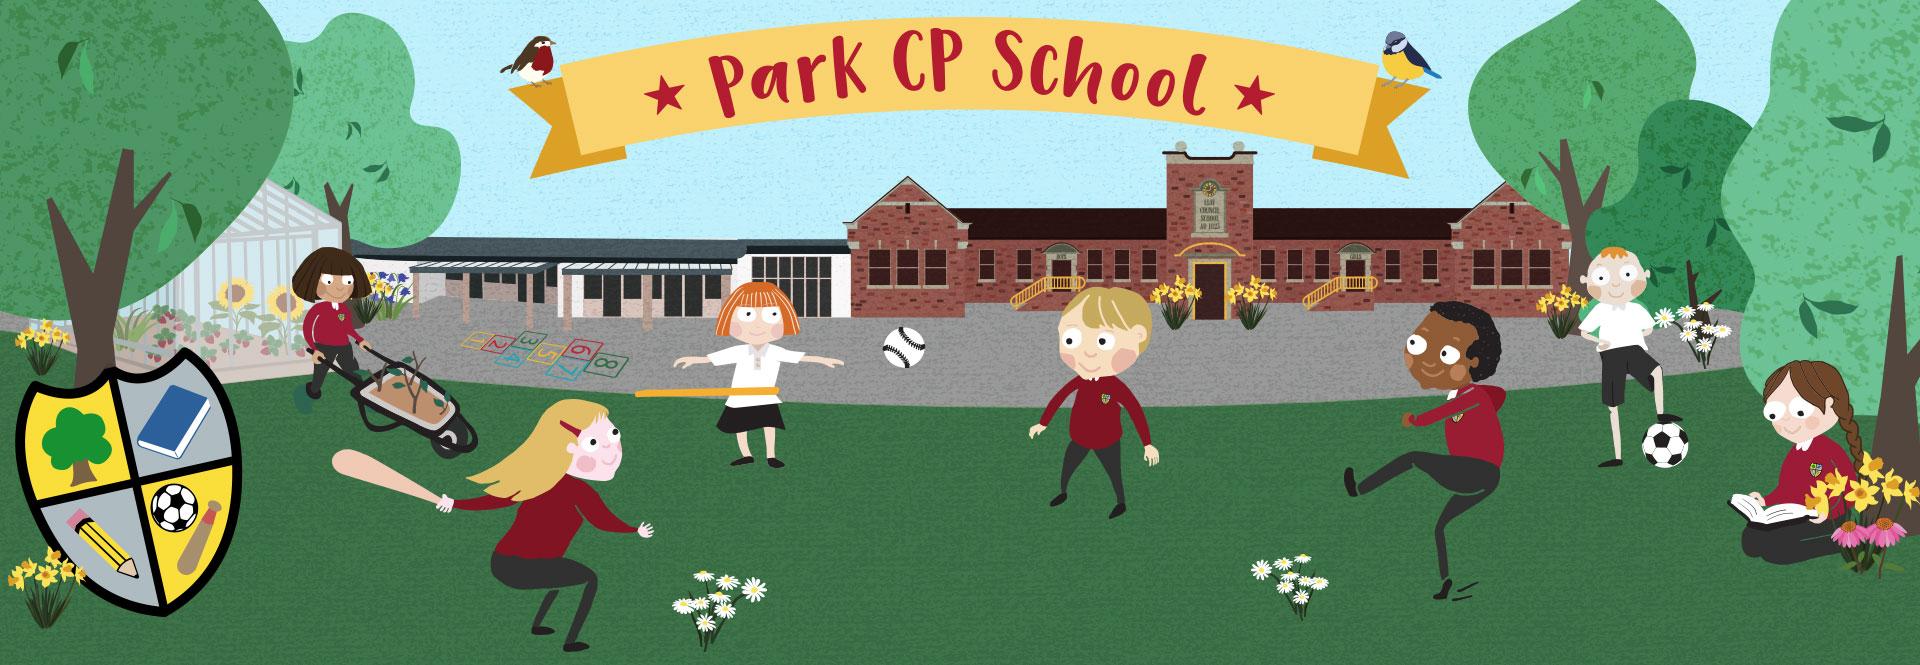 Park CP School